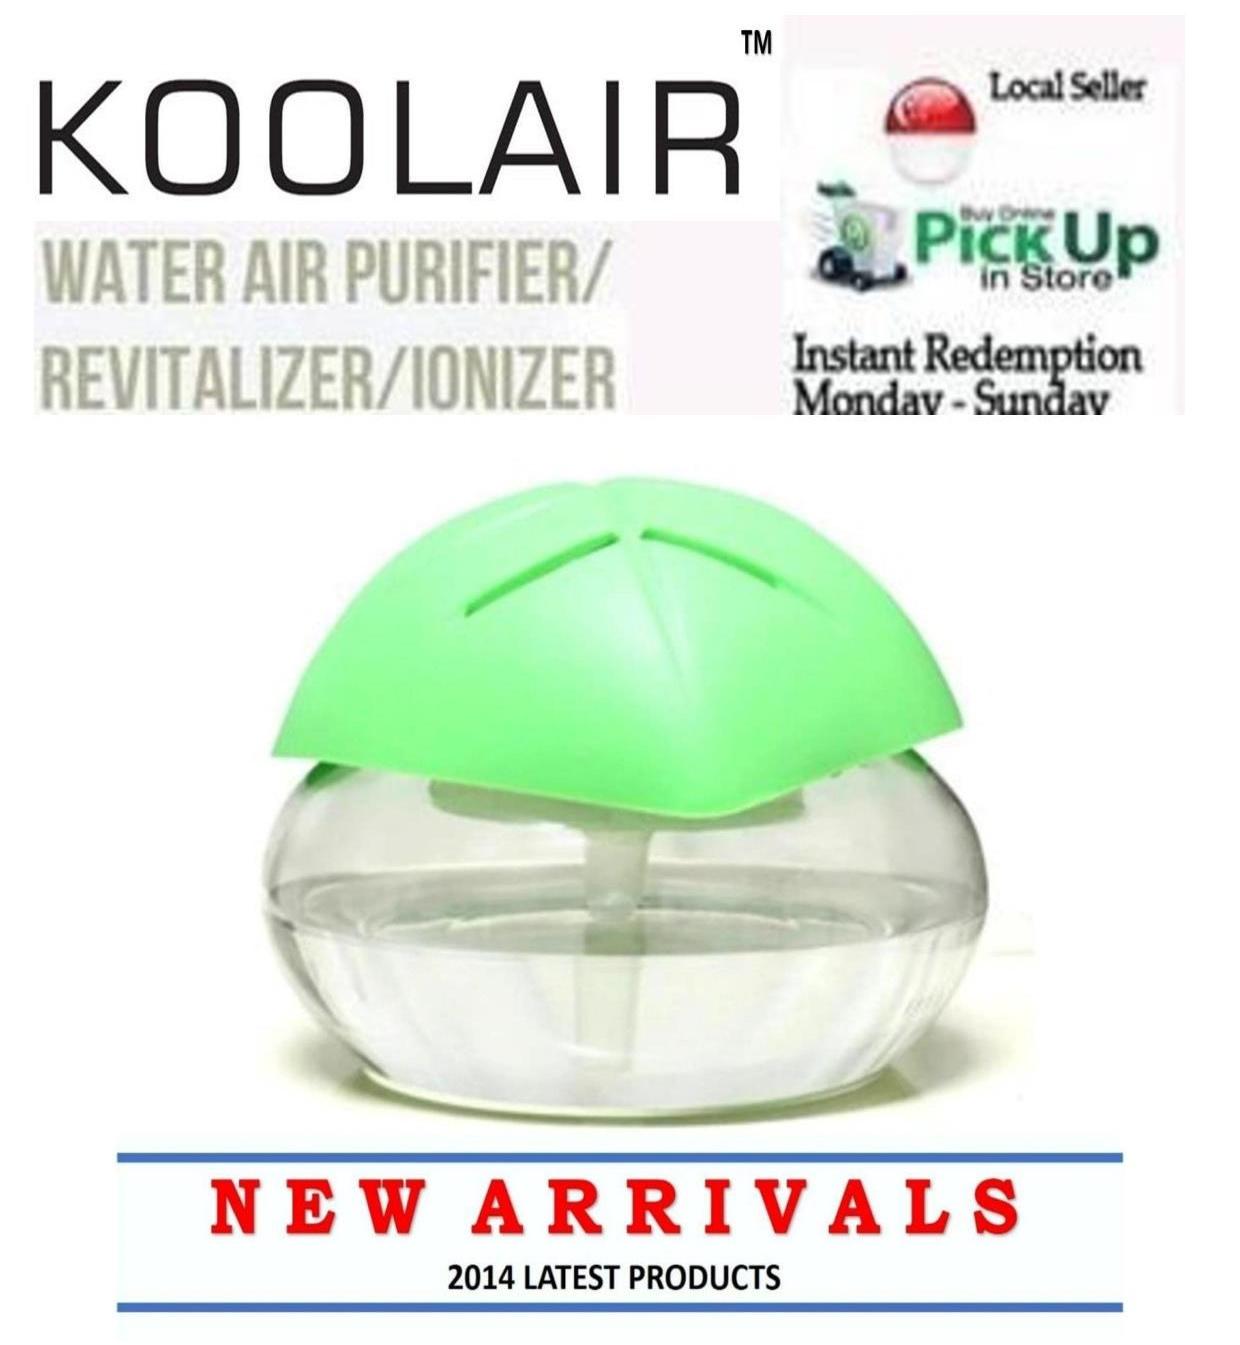 Sharp Fpf30eh Air Purifier Marreal Air Purifier Marreal Air 463603988  Ionizer Air Purifier Philippineshtml Water Globe Air Purifier Air